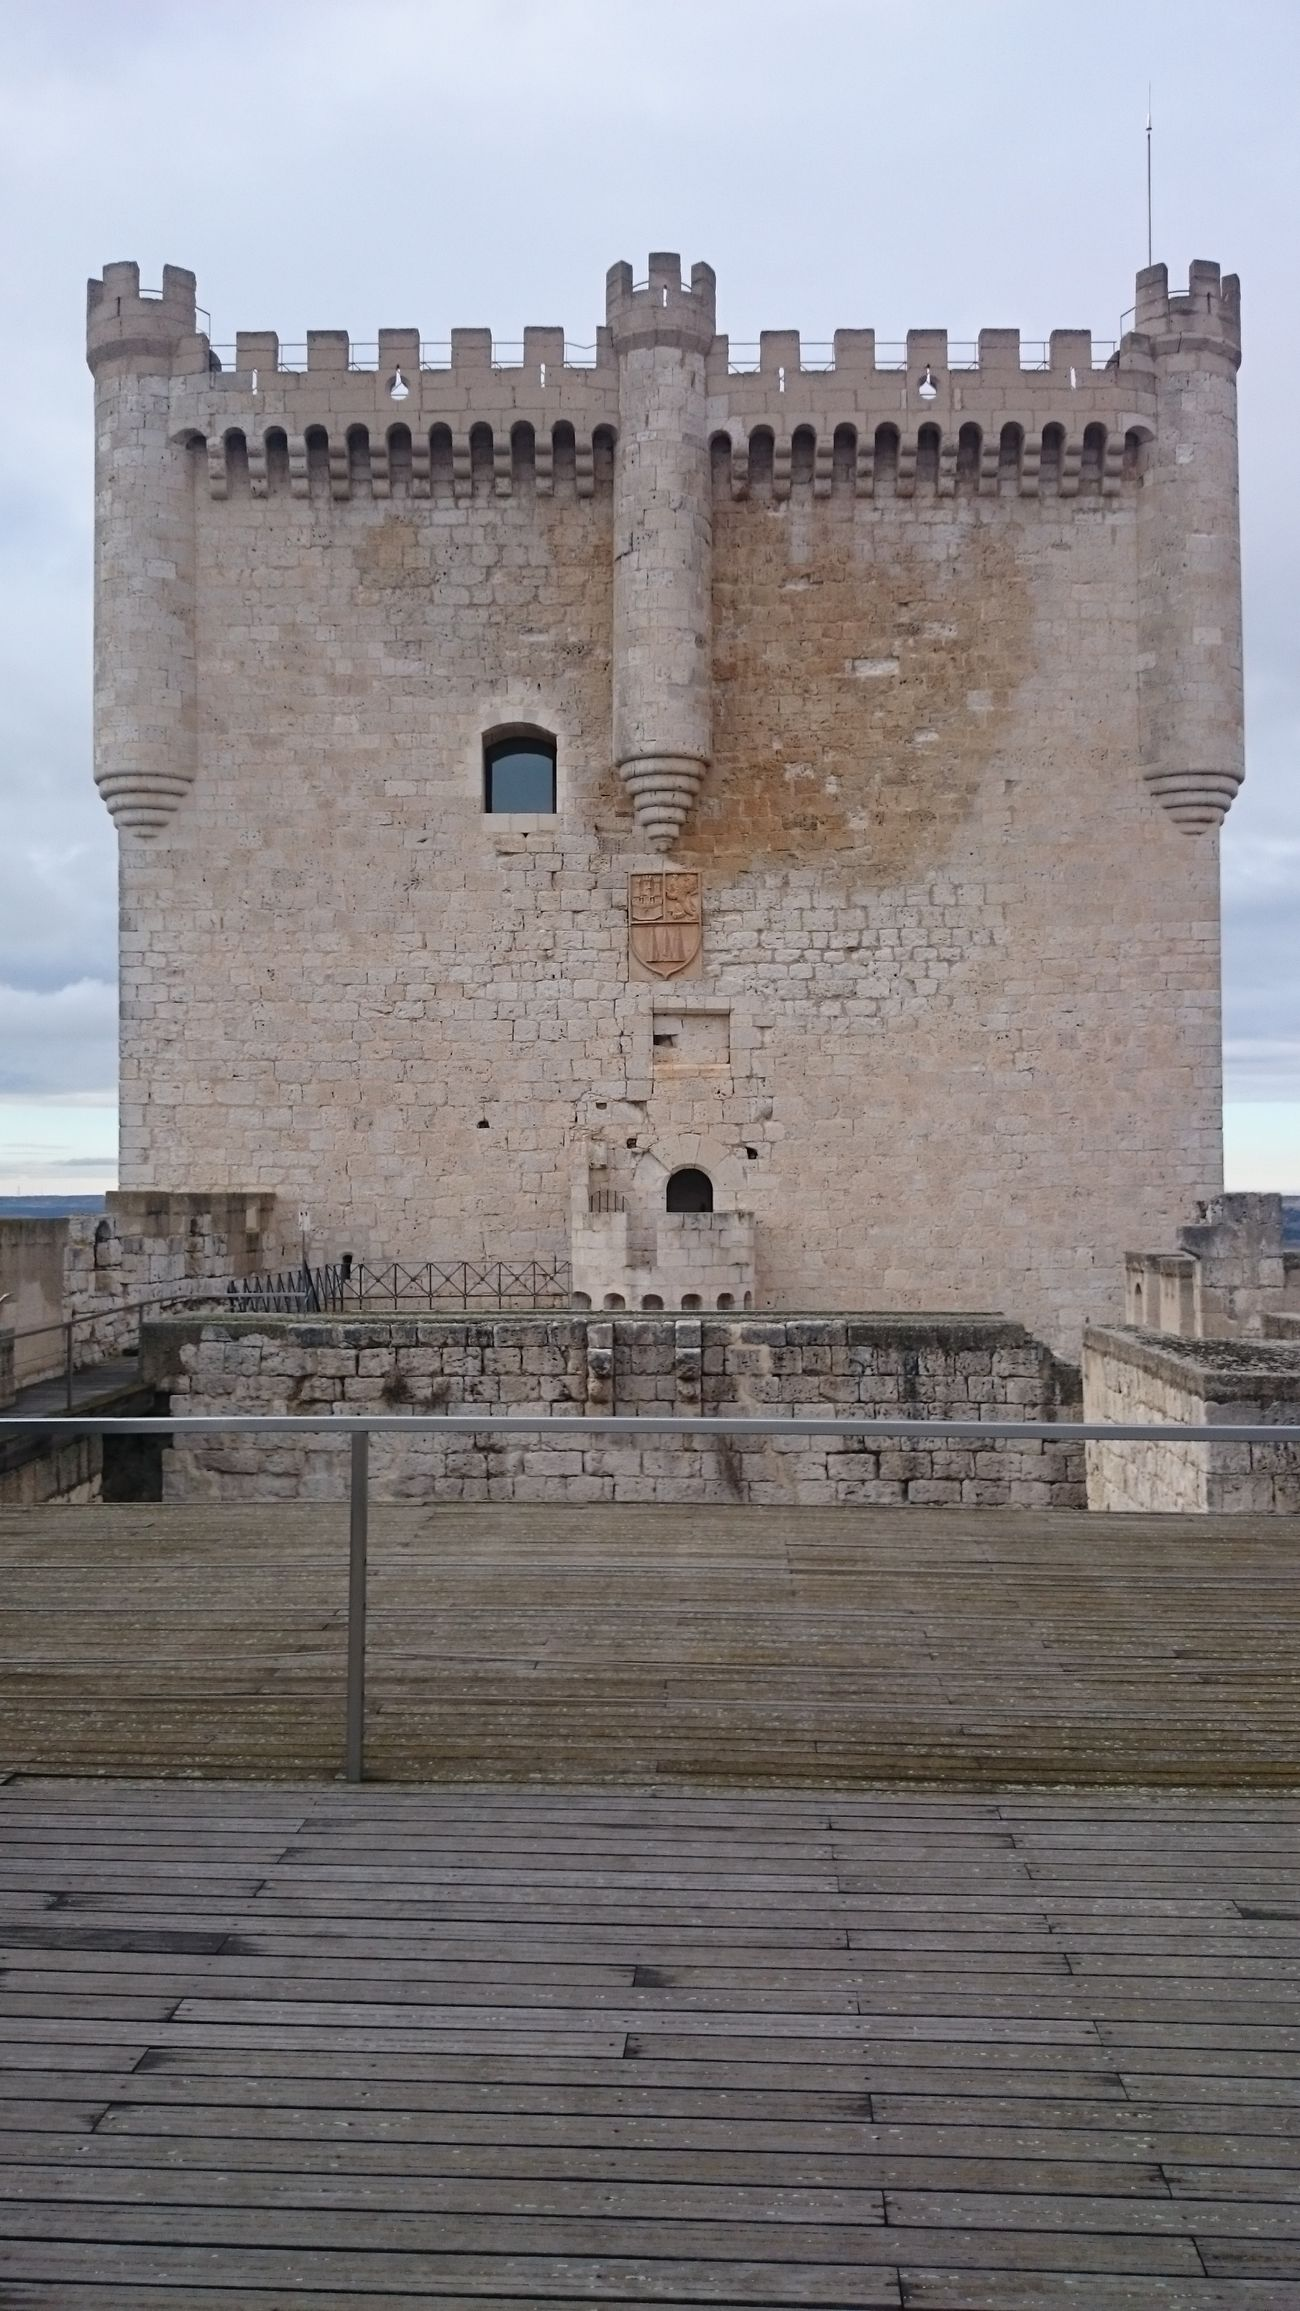 Una Vista de la Torre del Castillo De Peñafiel desde dentro